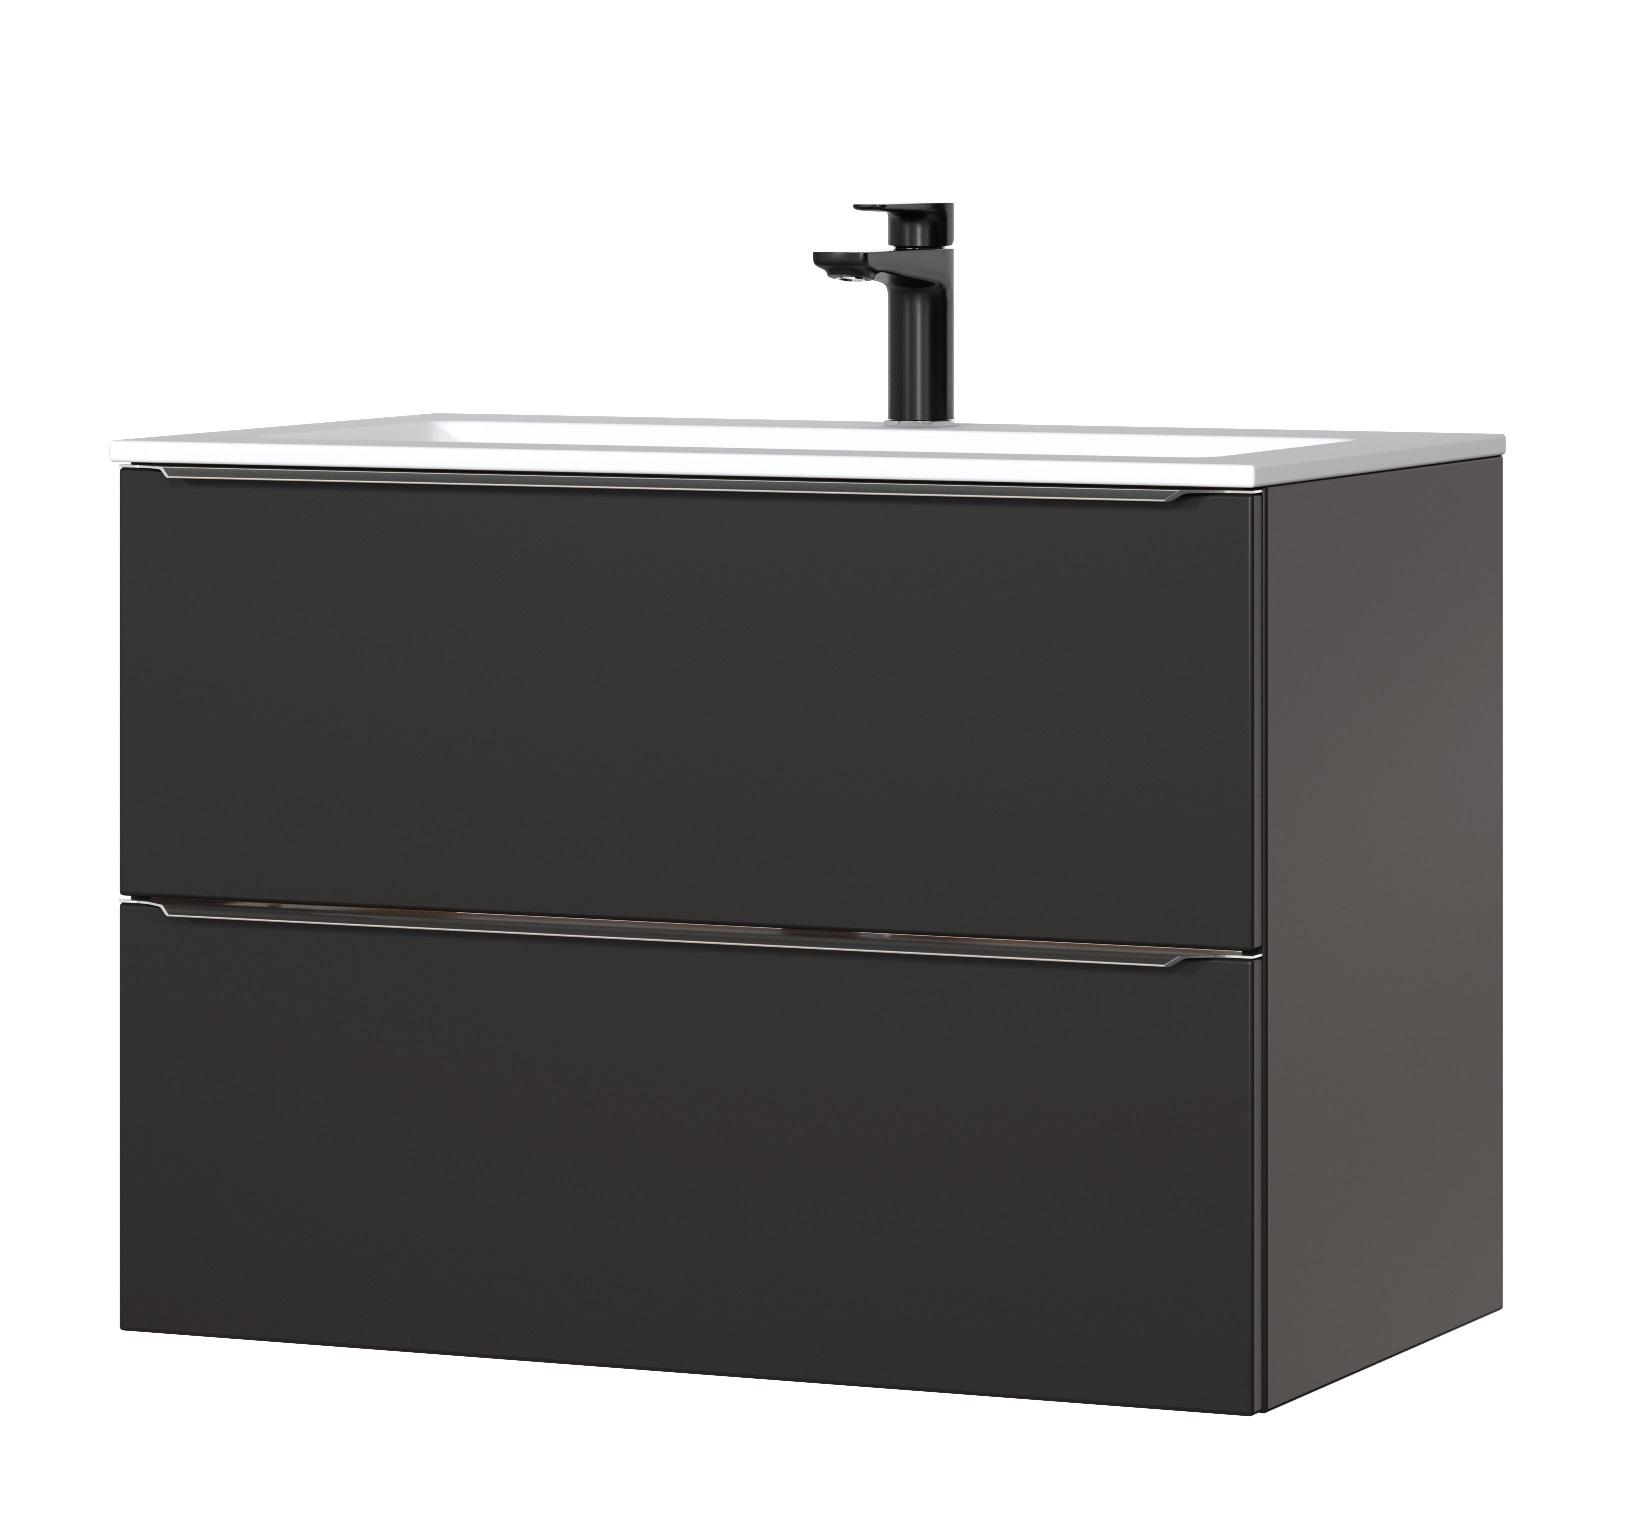 ArtCom Kúpeľňová zostava Capri Cosmos | čierny mat Capri Cosmos | čierny mat: Skrinka pod umývadlo 821 - 80 cm